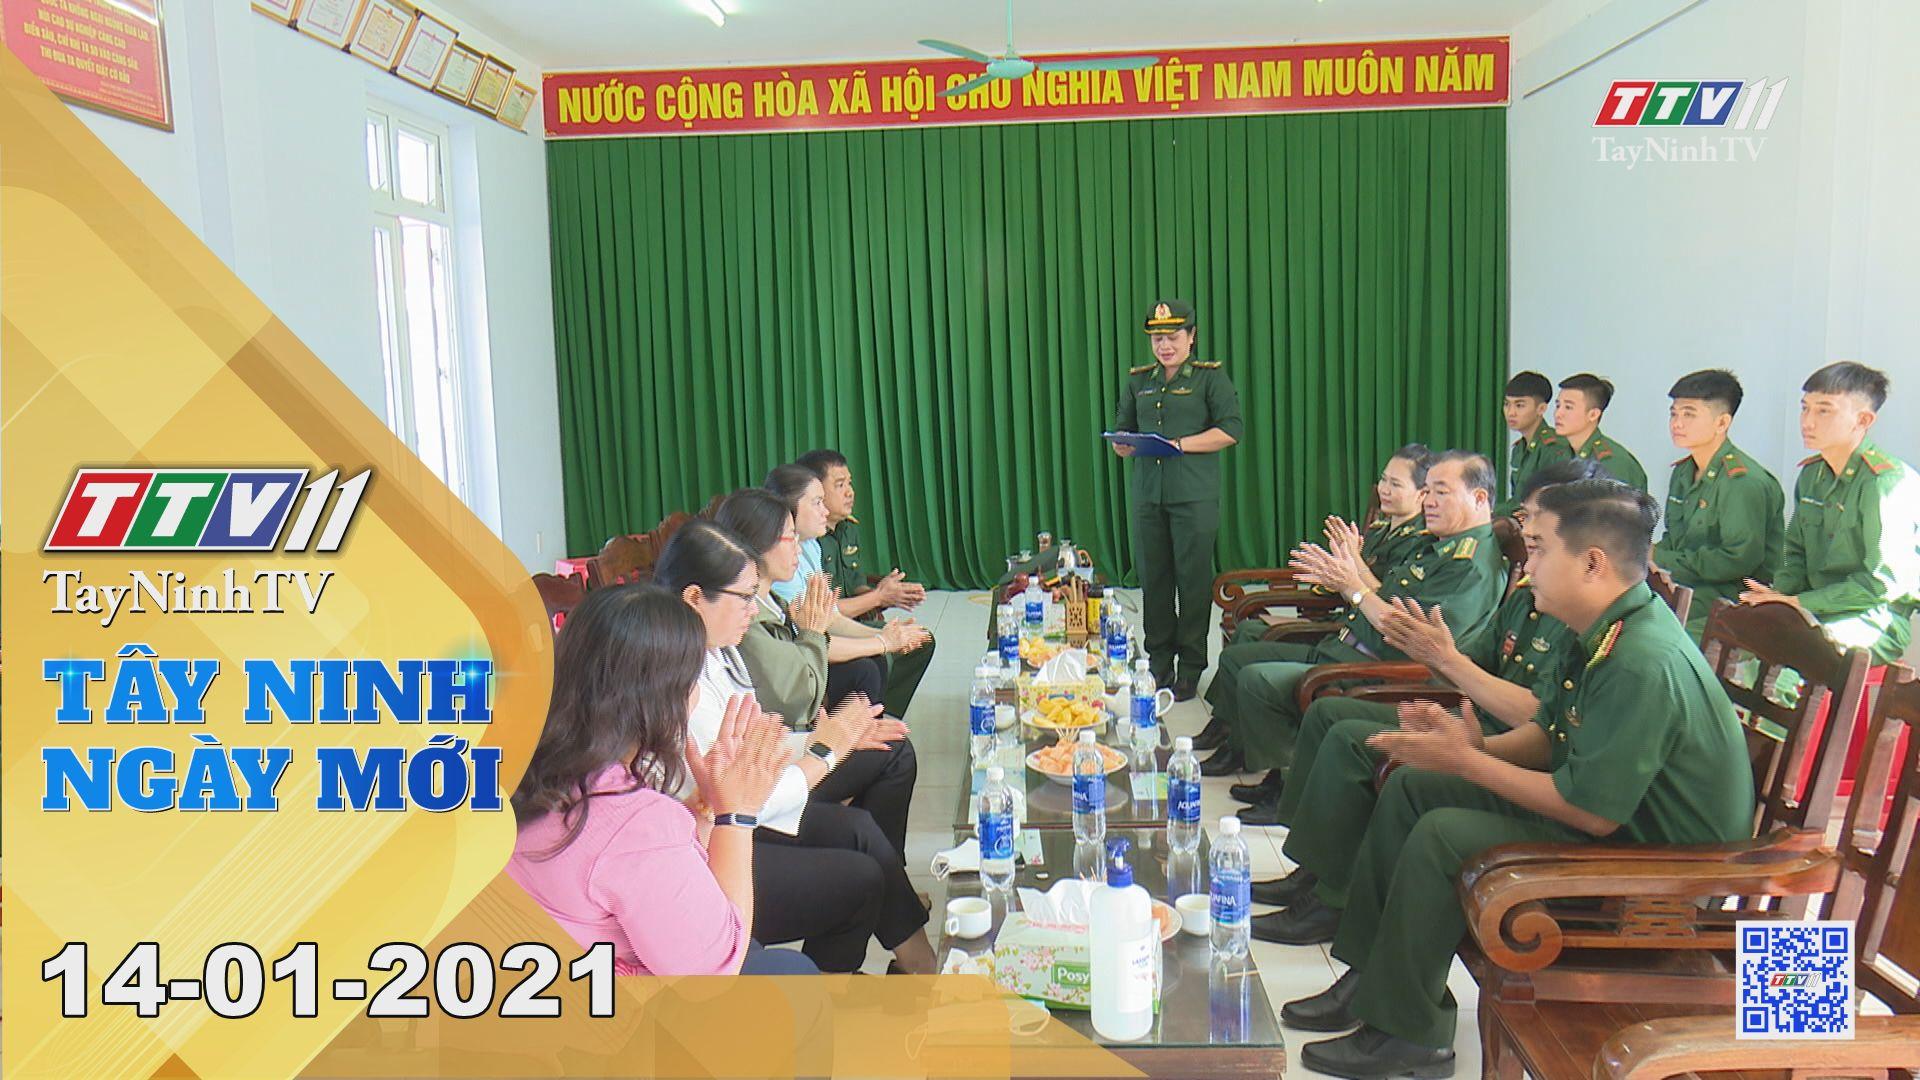 Tây Ninh Ngày Mới 14-01-2021 | Tin tức hôm nay | TayNinhTV